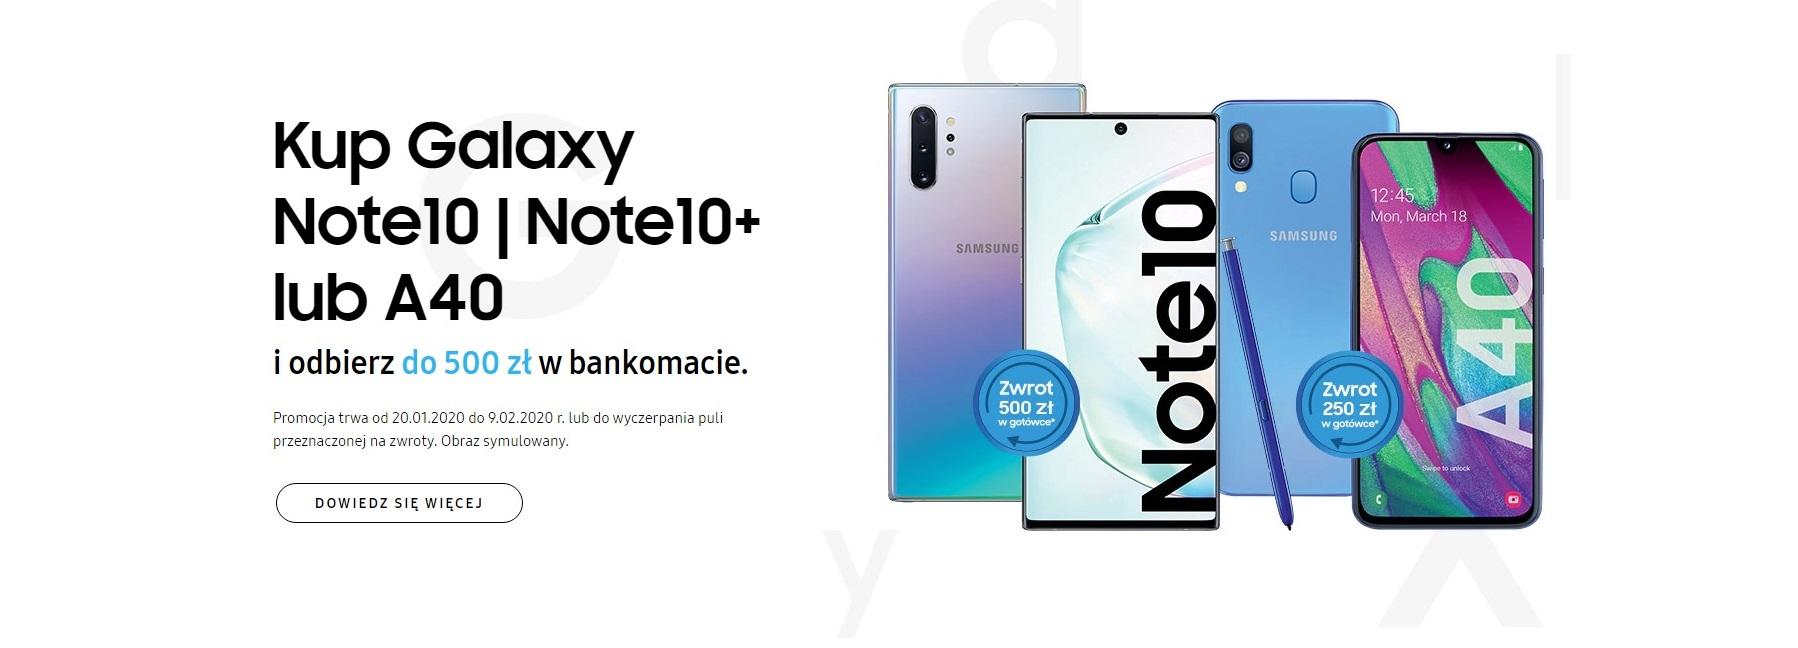 Promocja: Samsung odda Ci nawet 500 złotych, jeśli kupisz jego smartfon 18